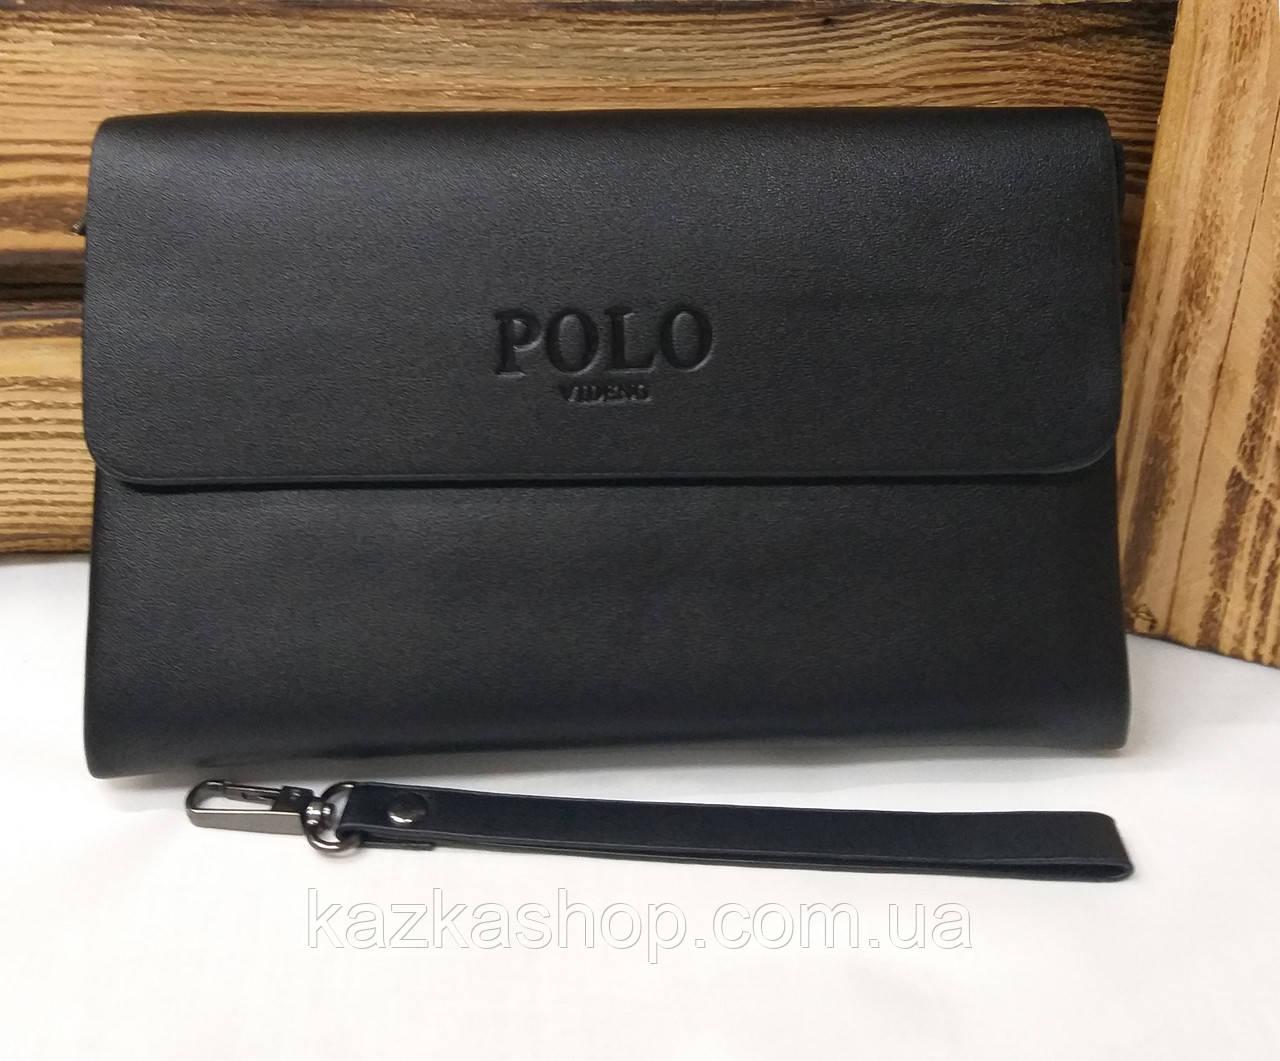 Мужской клатч Polo из искусственной кожи черного цвета, один основной отдел на молнии, магнитный клапан